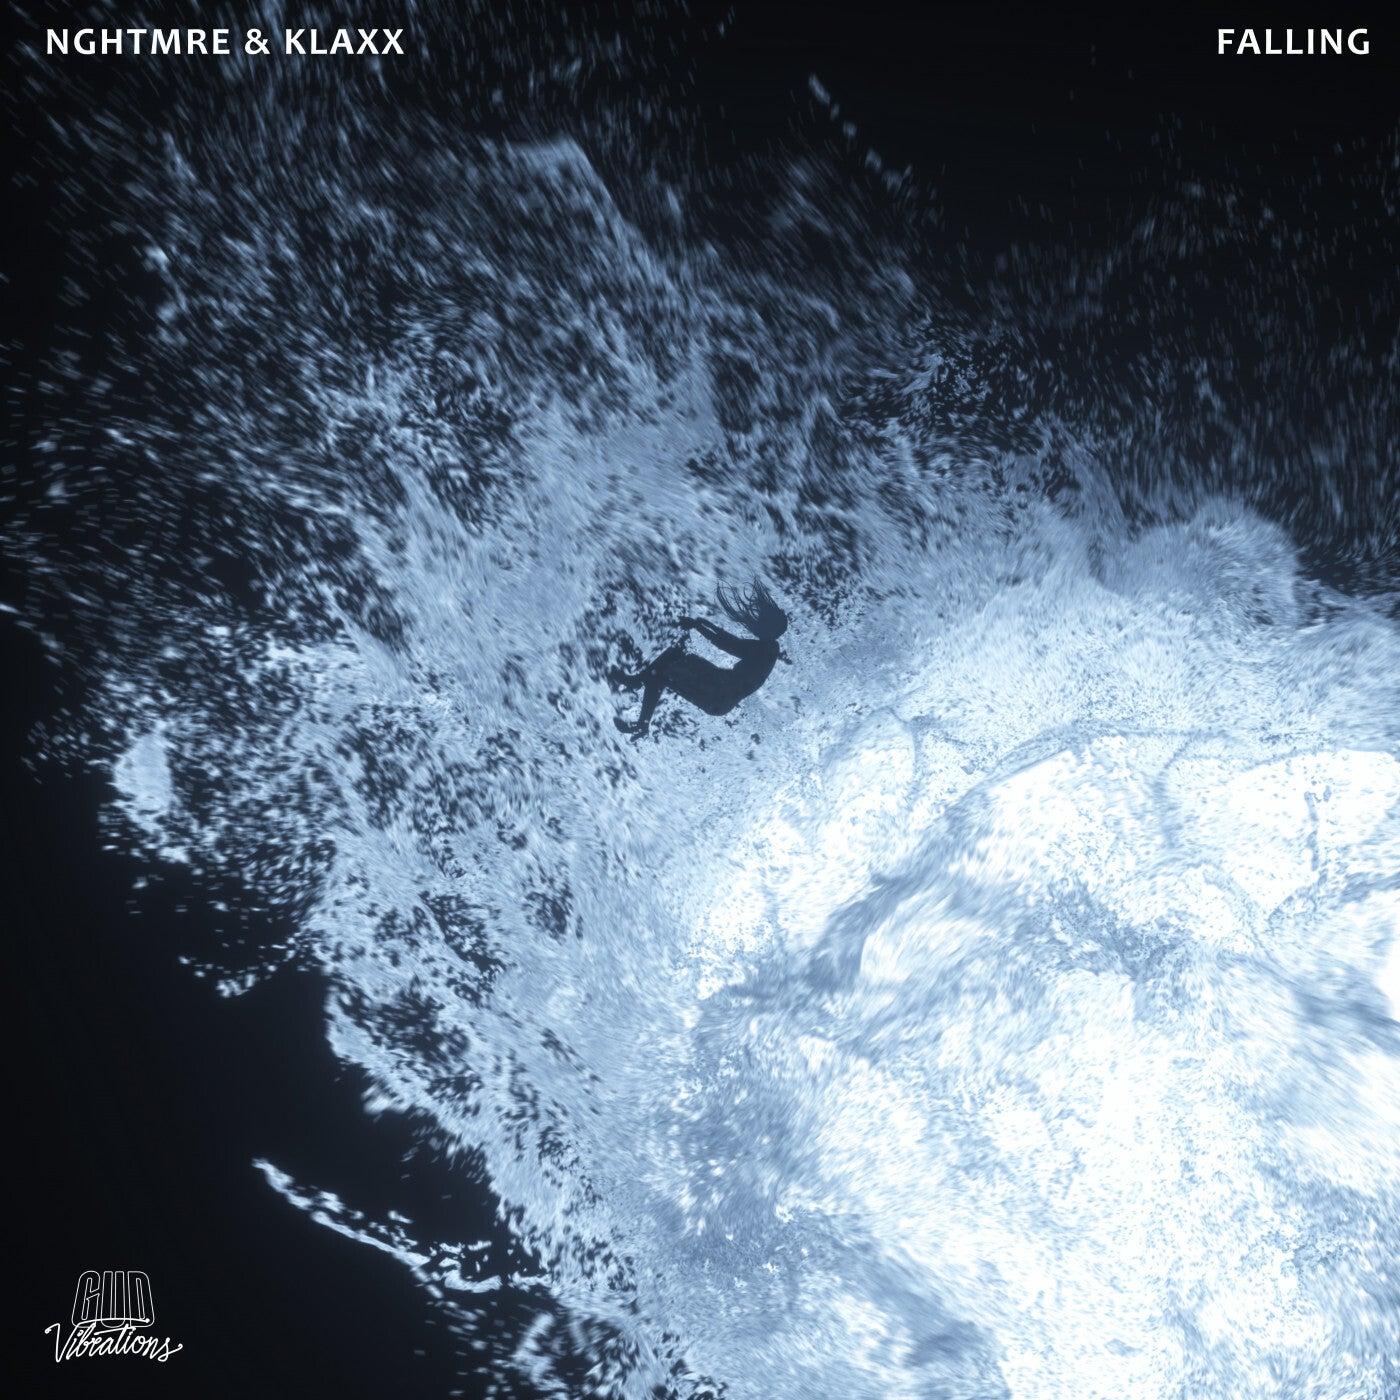 Falling (Original Mix)